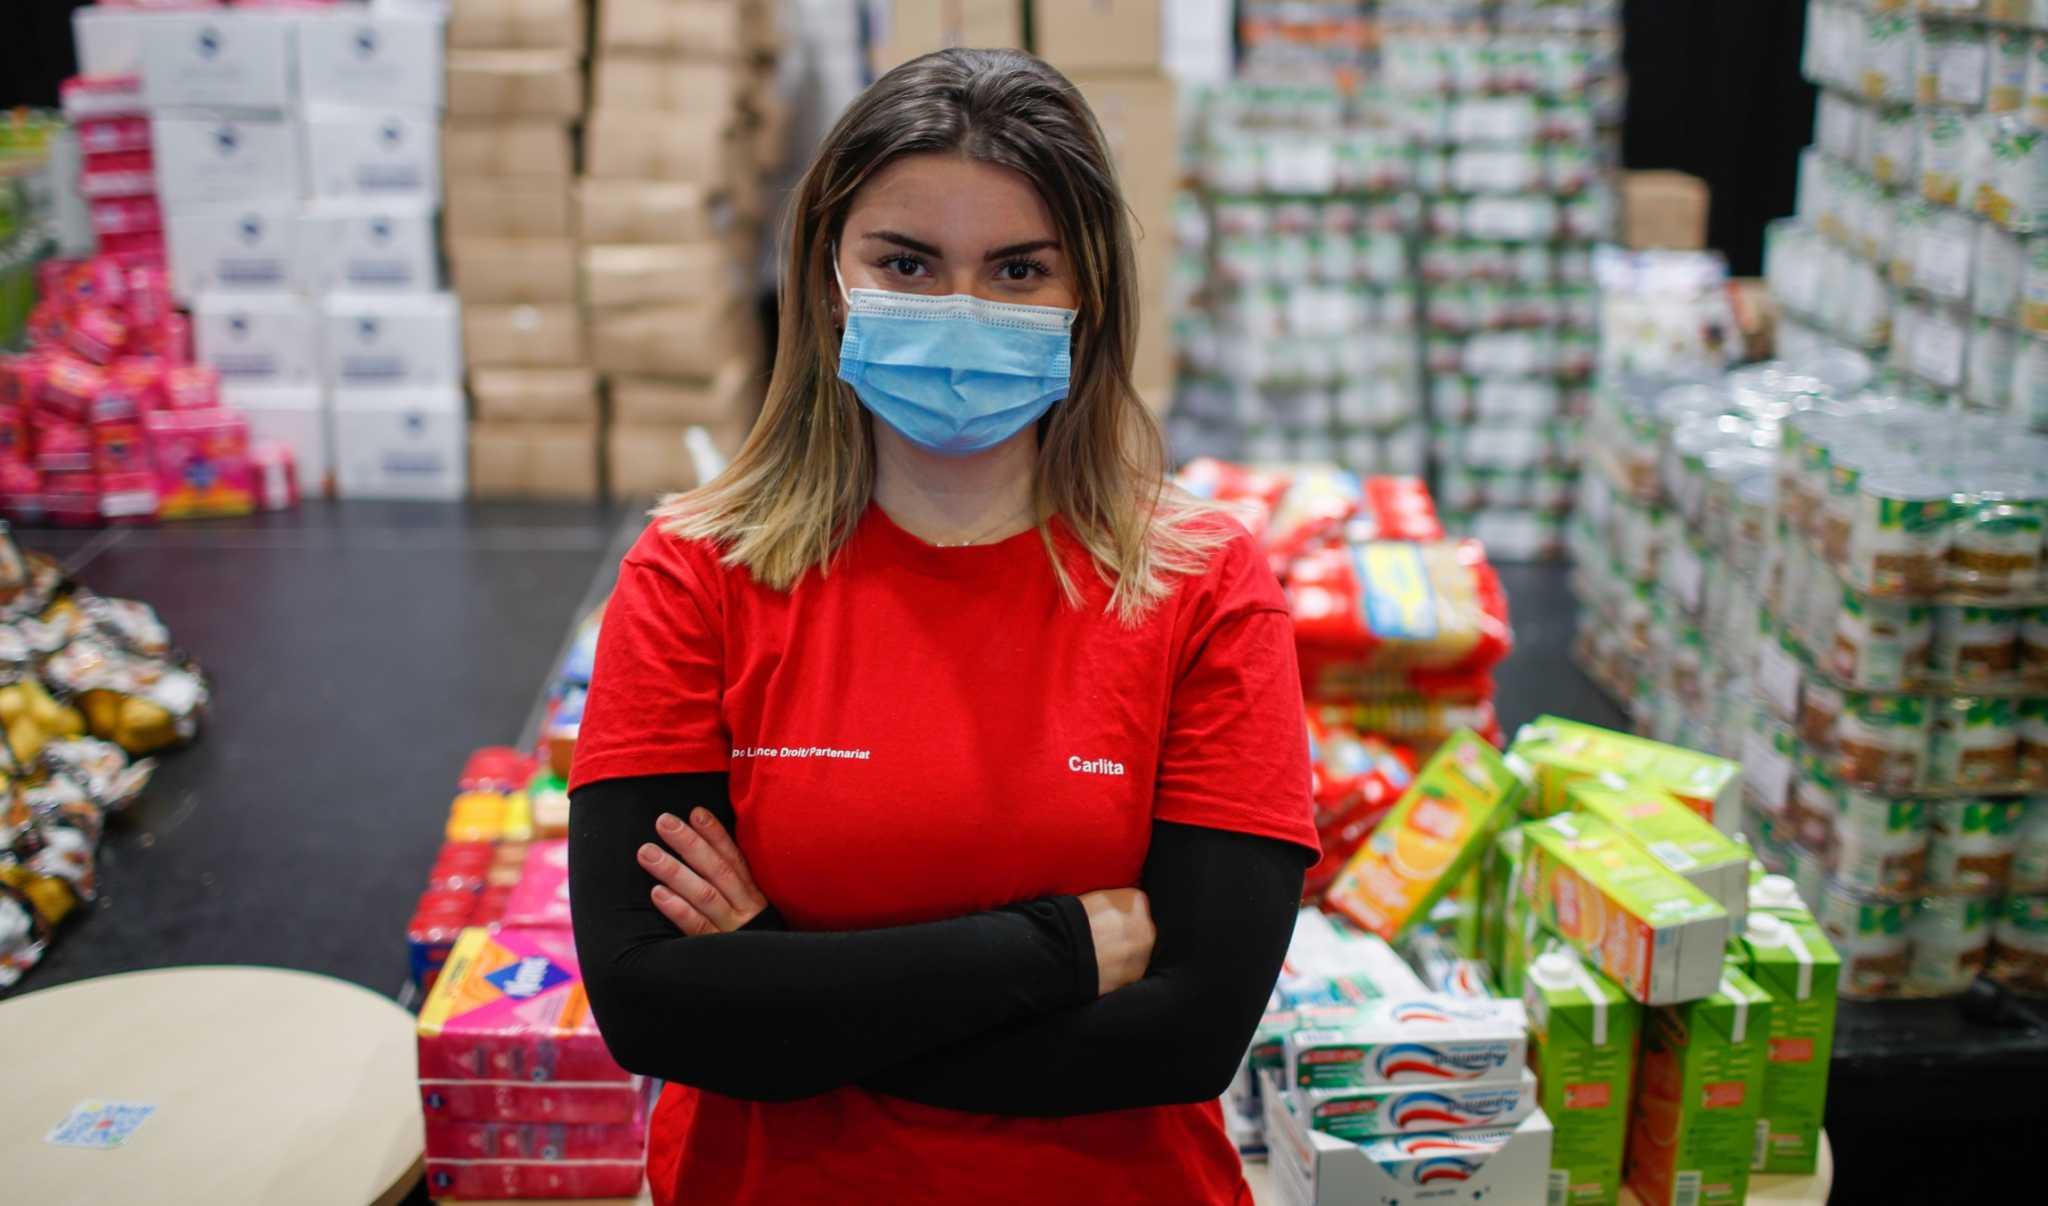 Κορονοϊός: Ποιες μάσκες πρέπει να χρησιμοποιούμε κατά της νέας μετάλλαξης